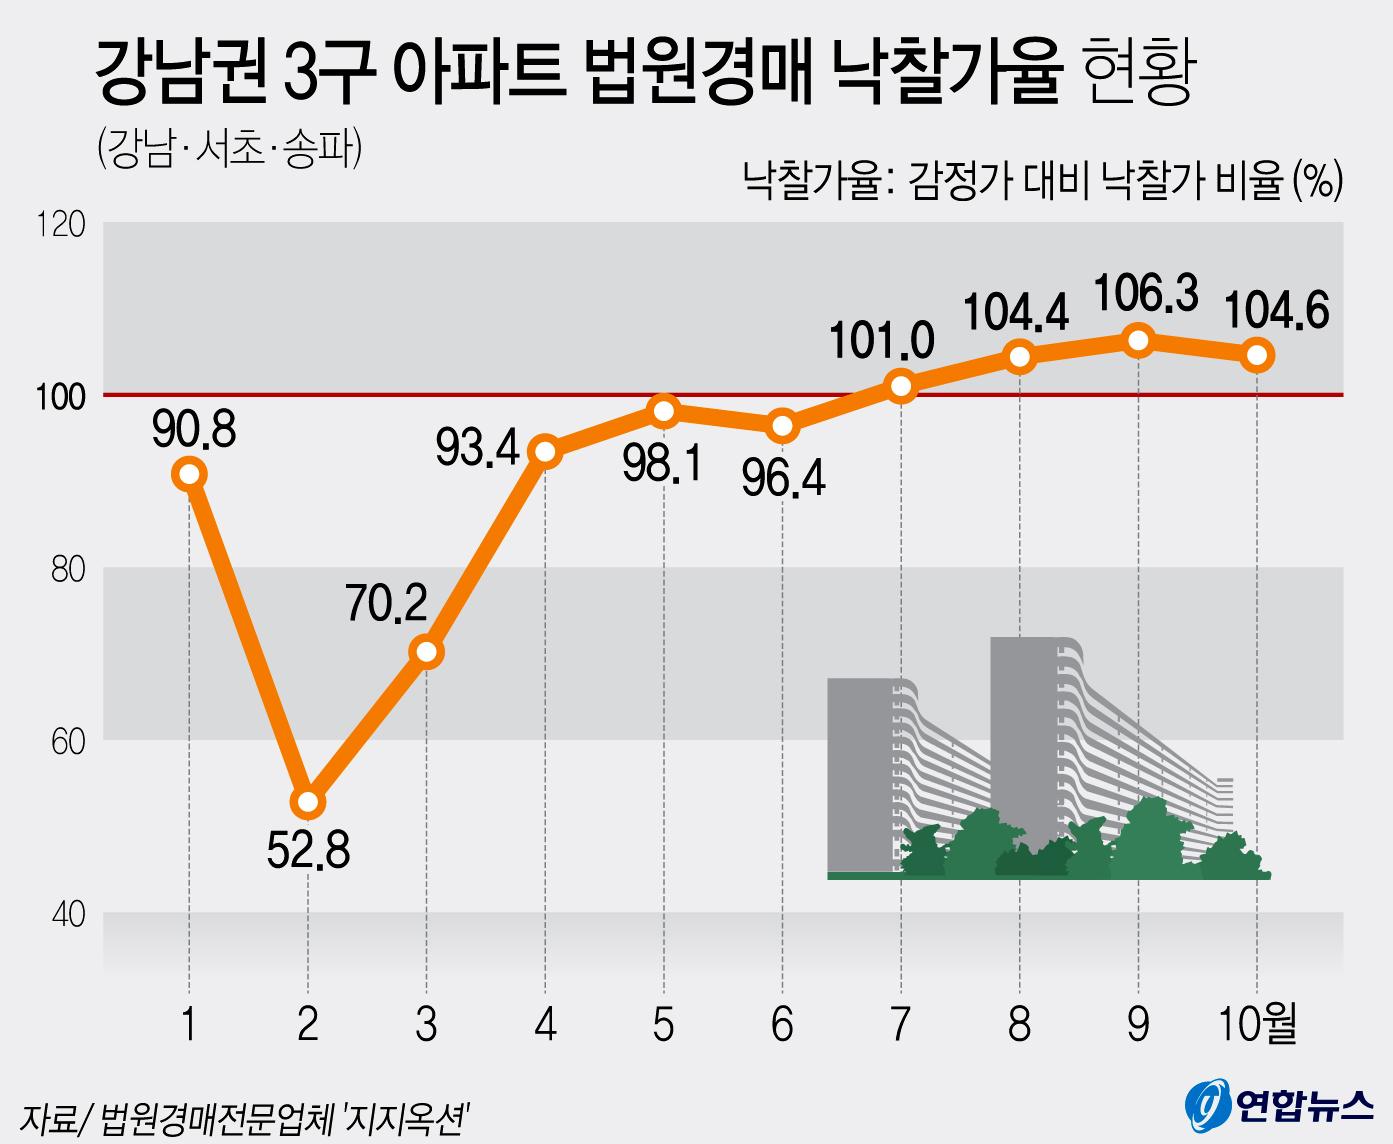 강남권 3구 아파트 법원경매 낙찰가율 현황. [연합뉴스]